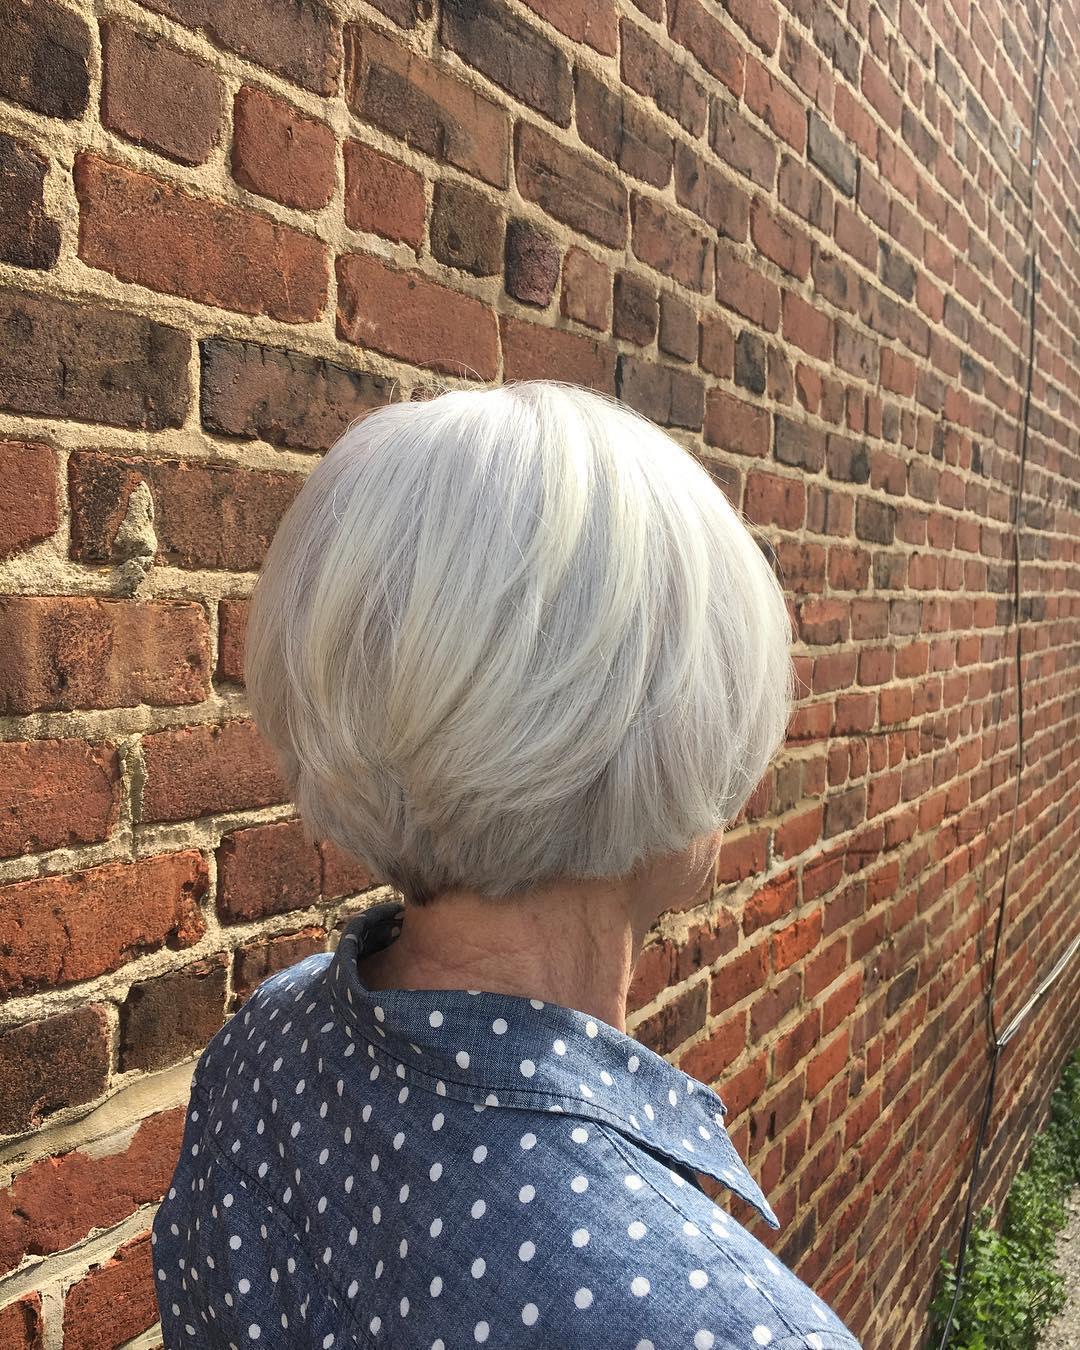 Pixie Bob blanc pour les femmes de 50 ans aux cheveux épais